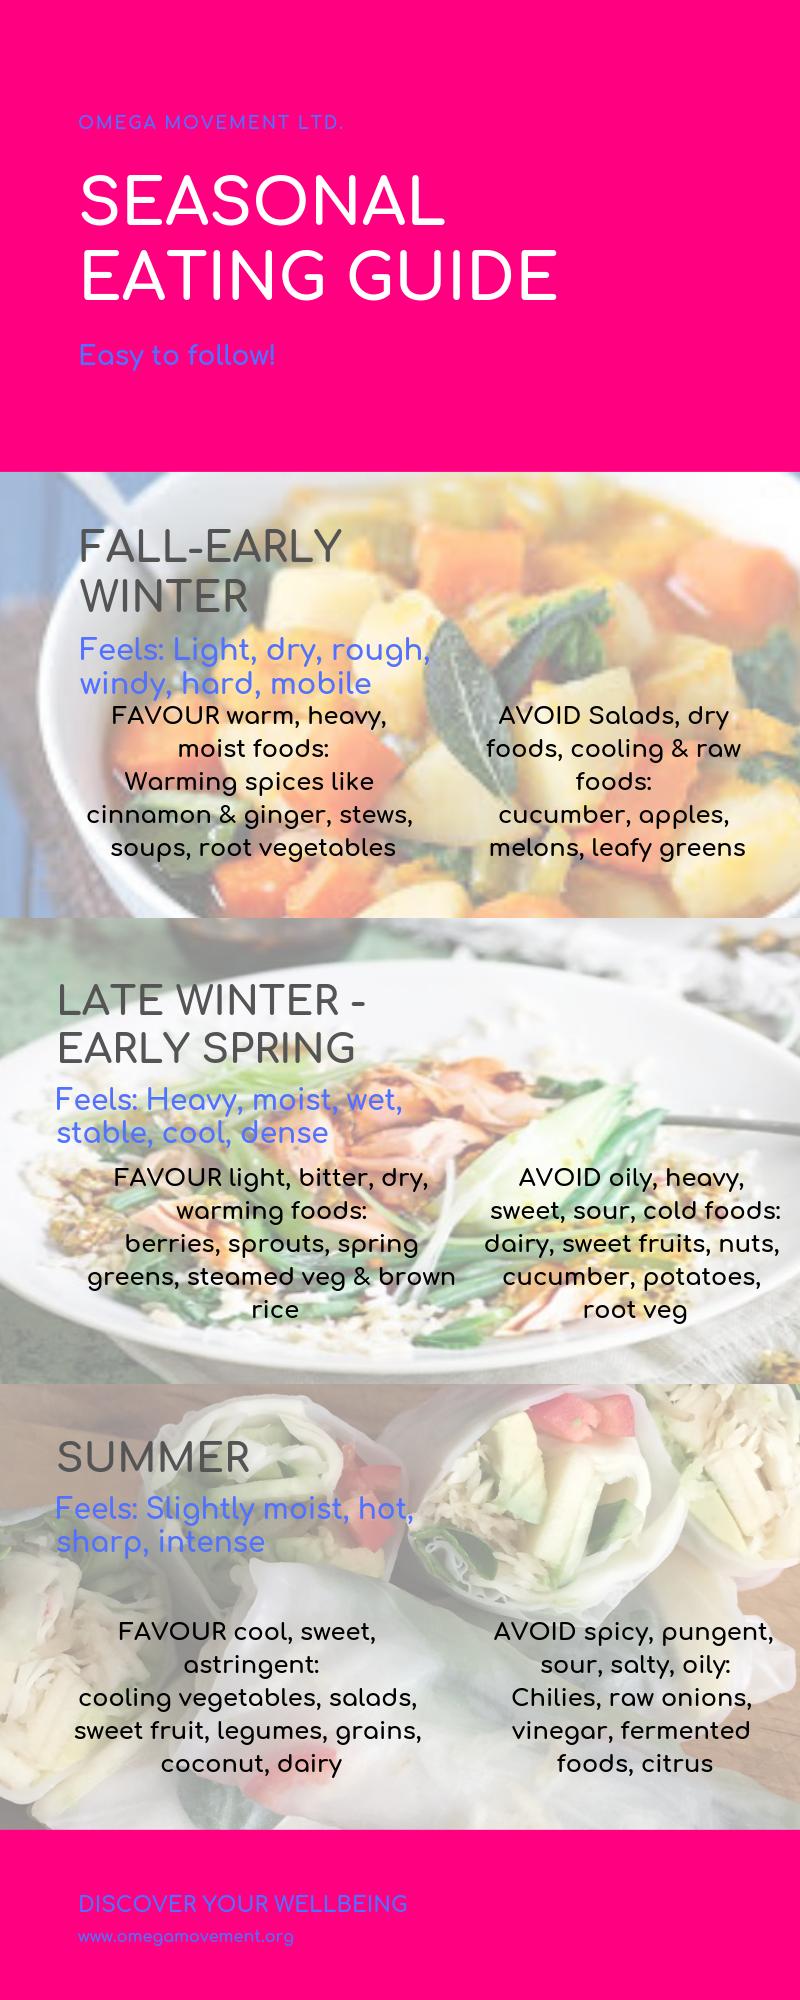 Megs seasonal eating guide.png